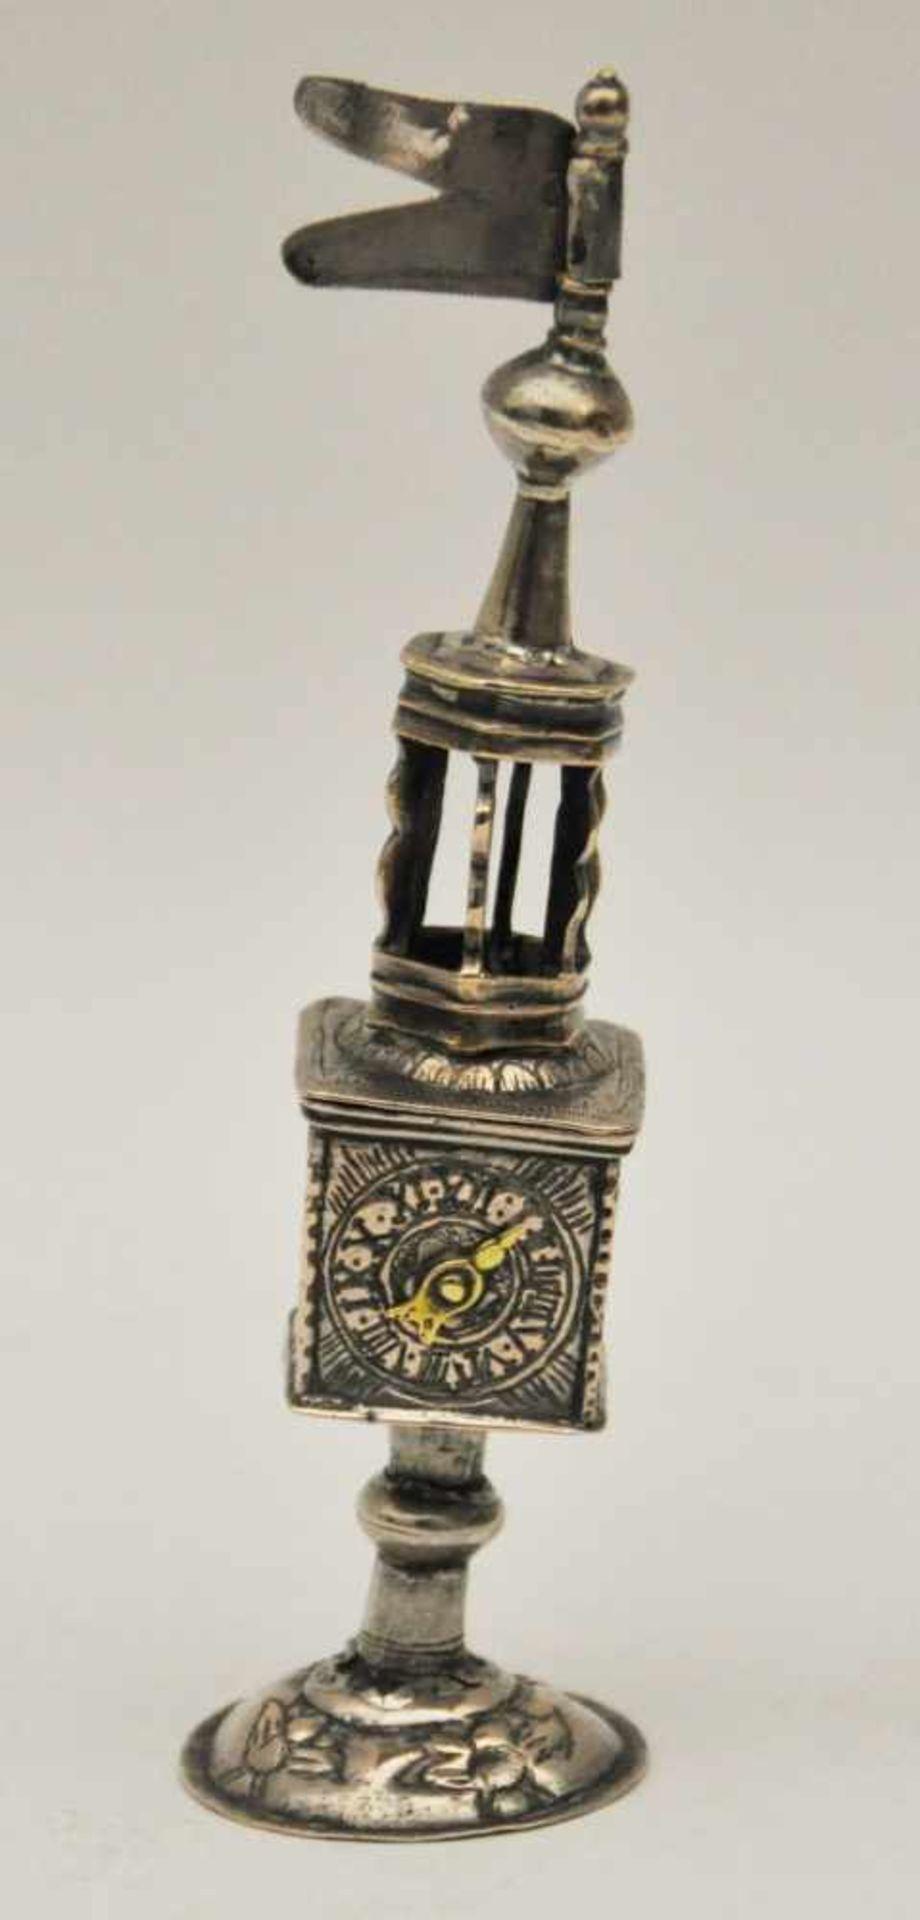 Besamin Türmchen, Deutsch 17./18. Jh.Fein gearbeitetes altes Türmchen,Silber, Gewicht 64 g,